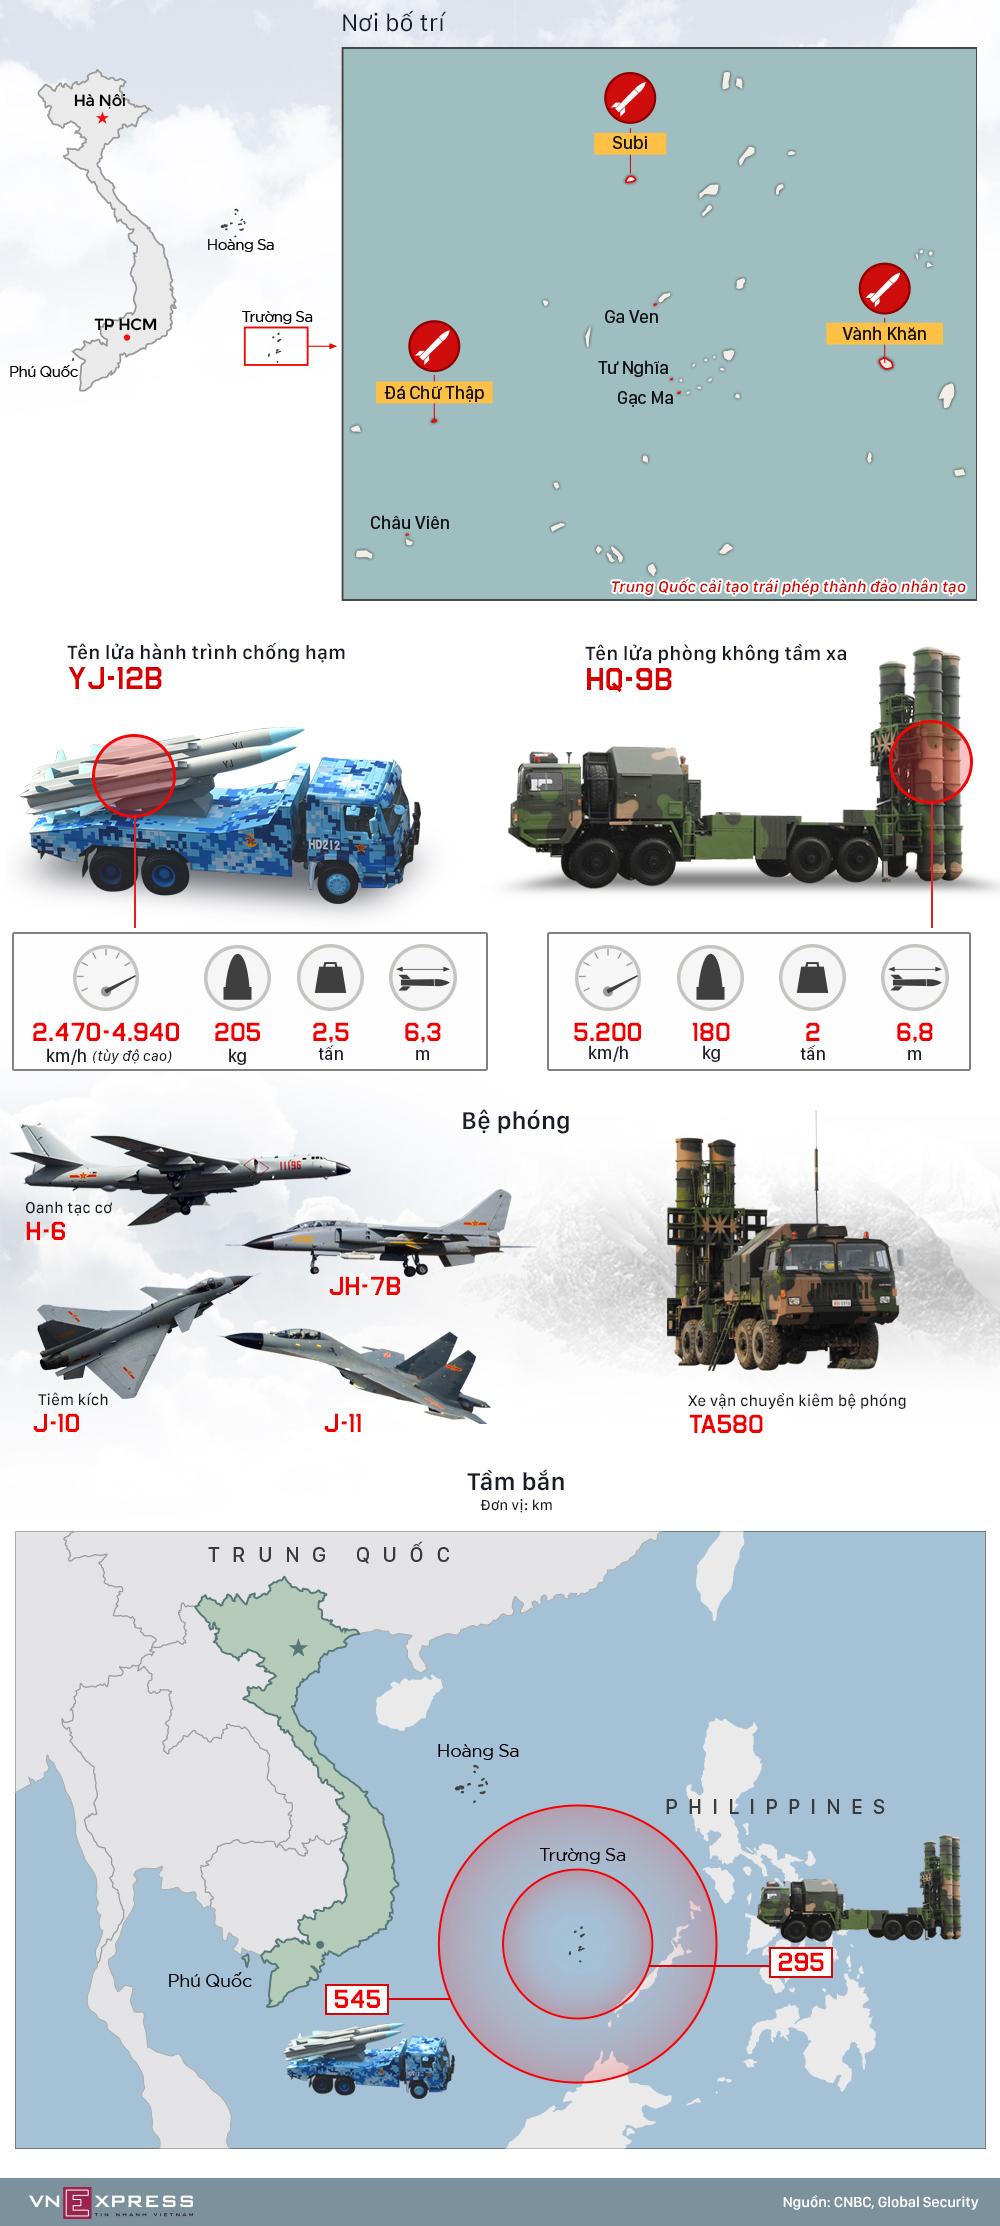 Tầm hoạt động của hai mẫu tên lửa Trung Quốc bị nghi đưa ra Trường Sa